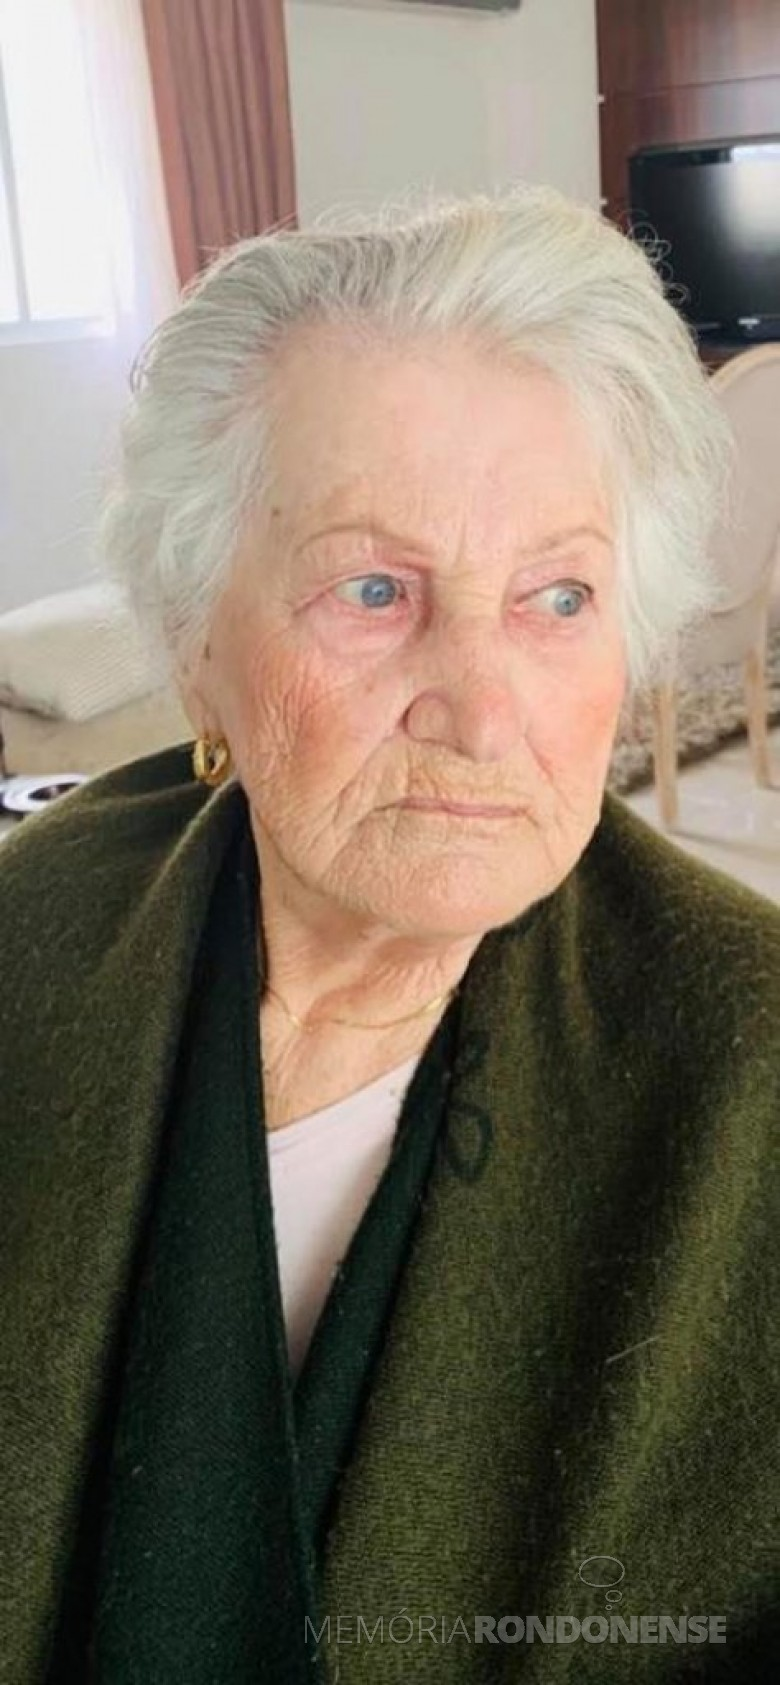 Professora rondonense Amábile Brembati falecida em final de junho de 2020. Imagem: Acervo Marley Brembati - FOTO 14 --